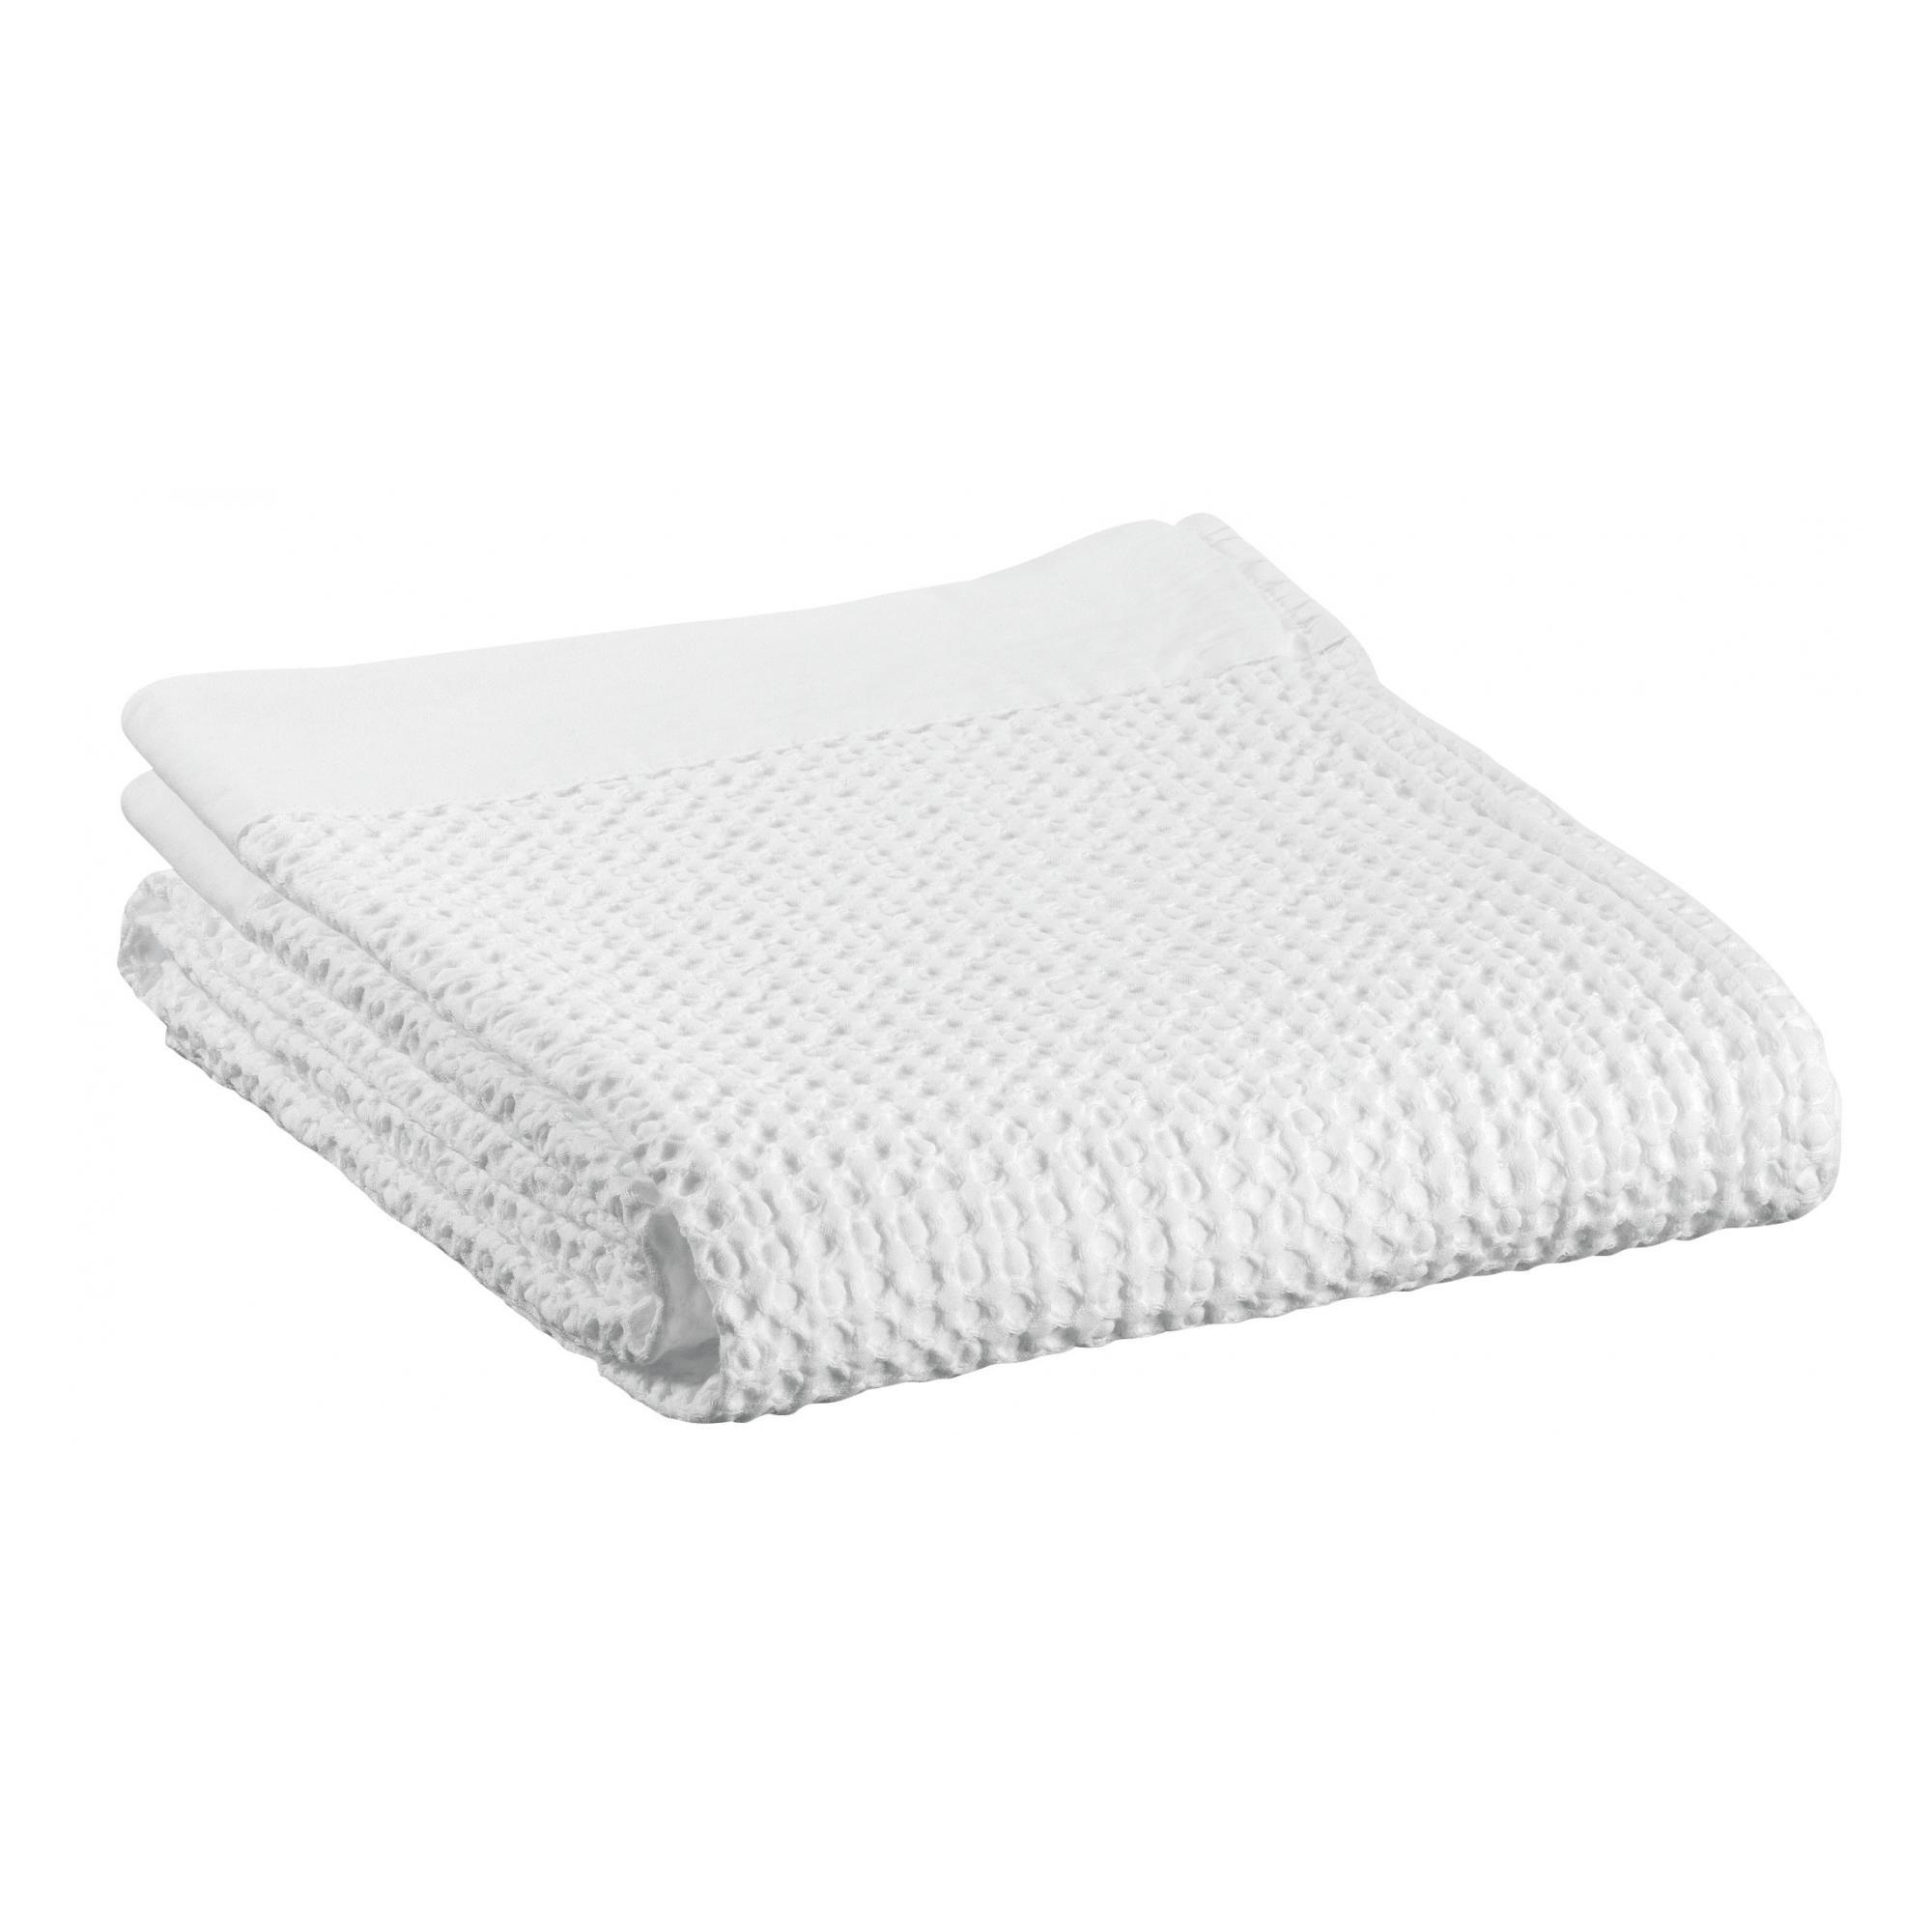 Drap de douche en coton neige 70 x 140